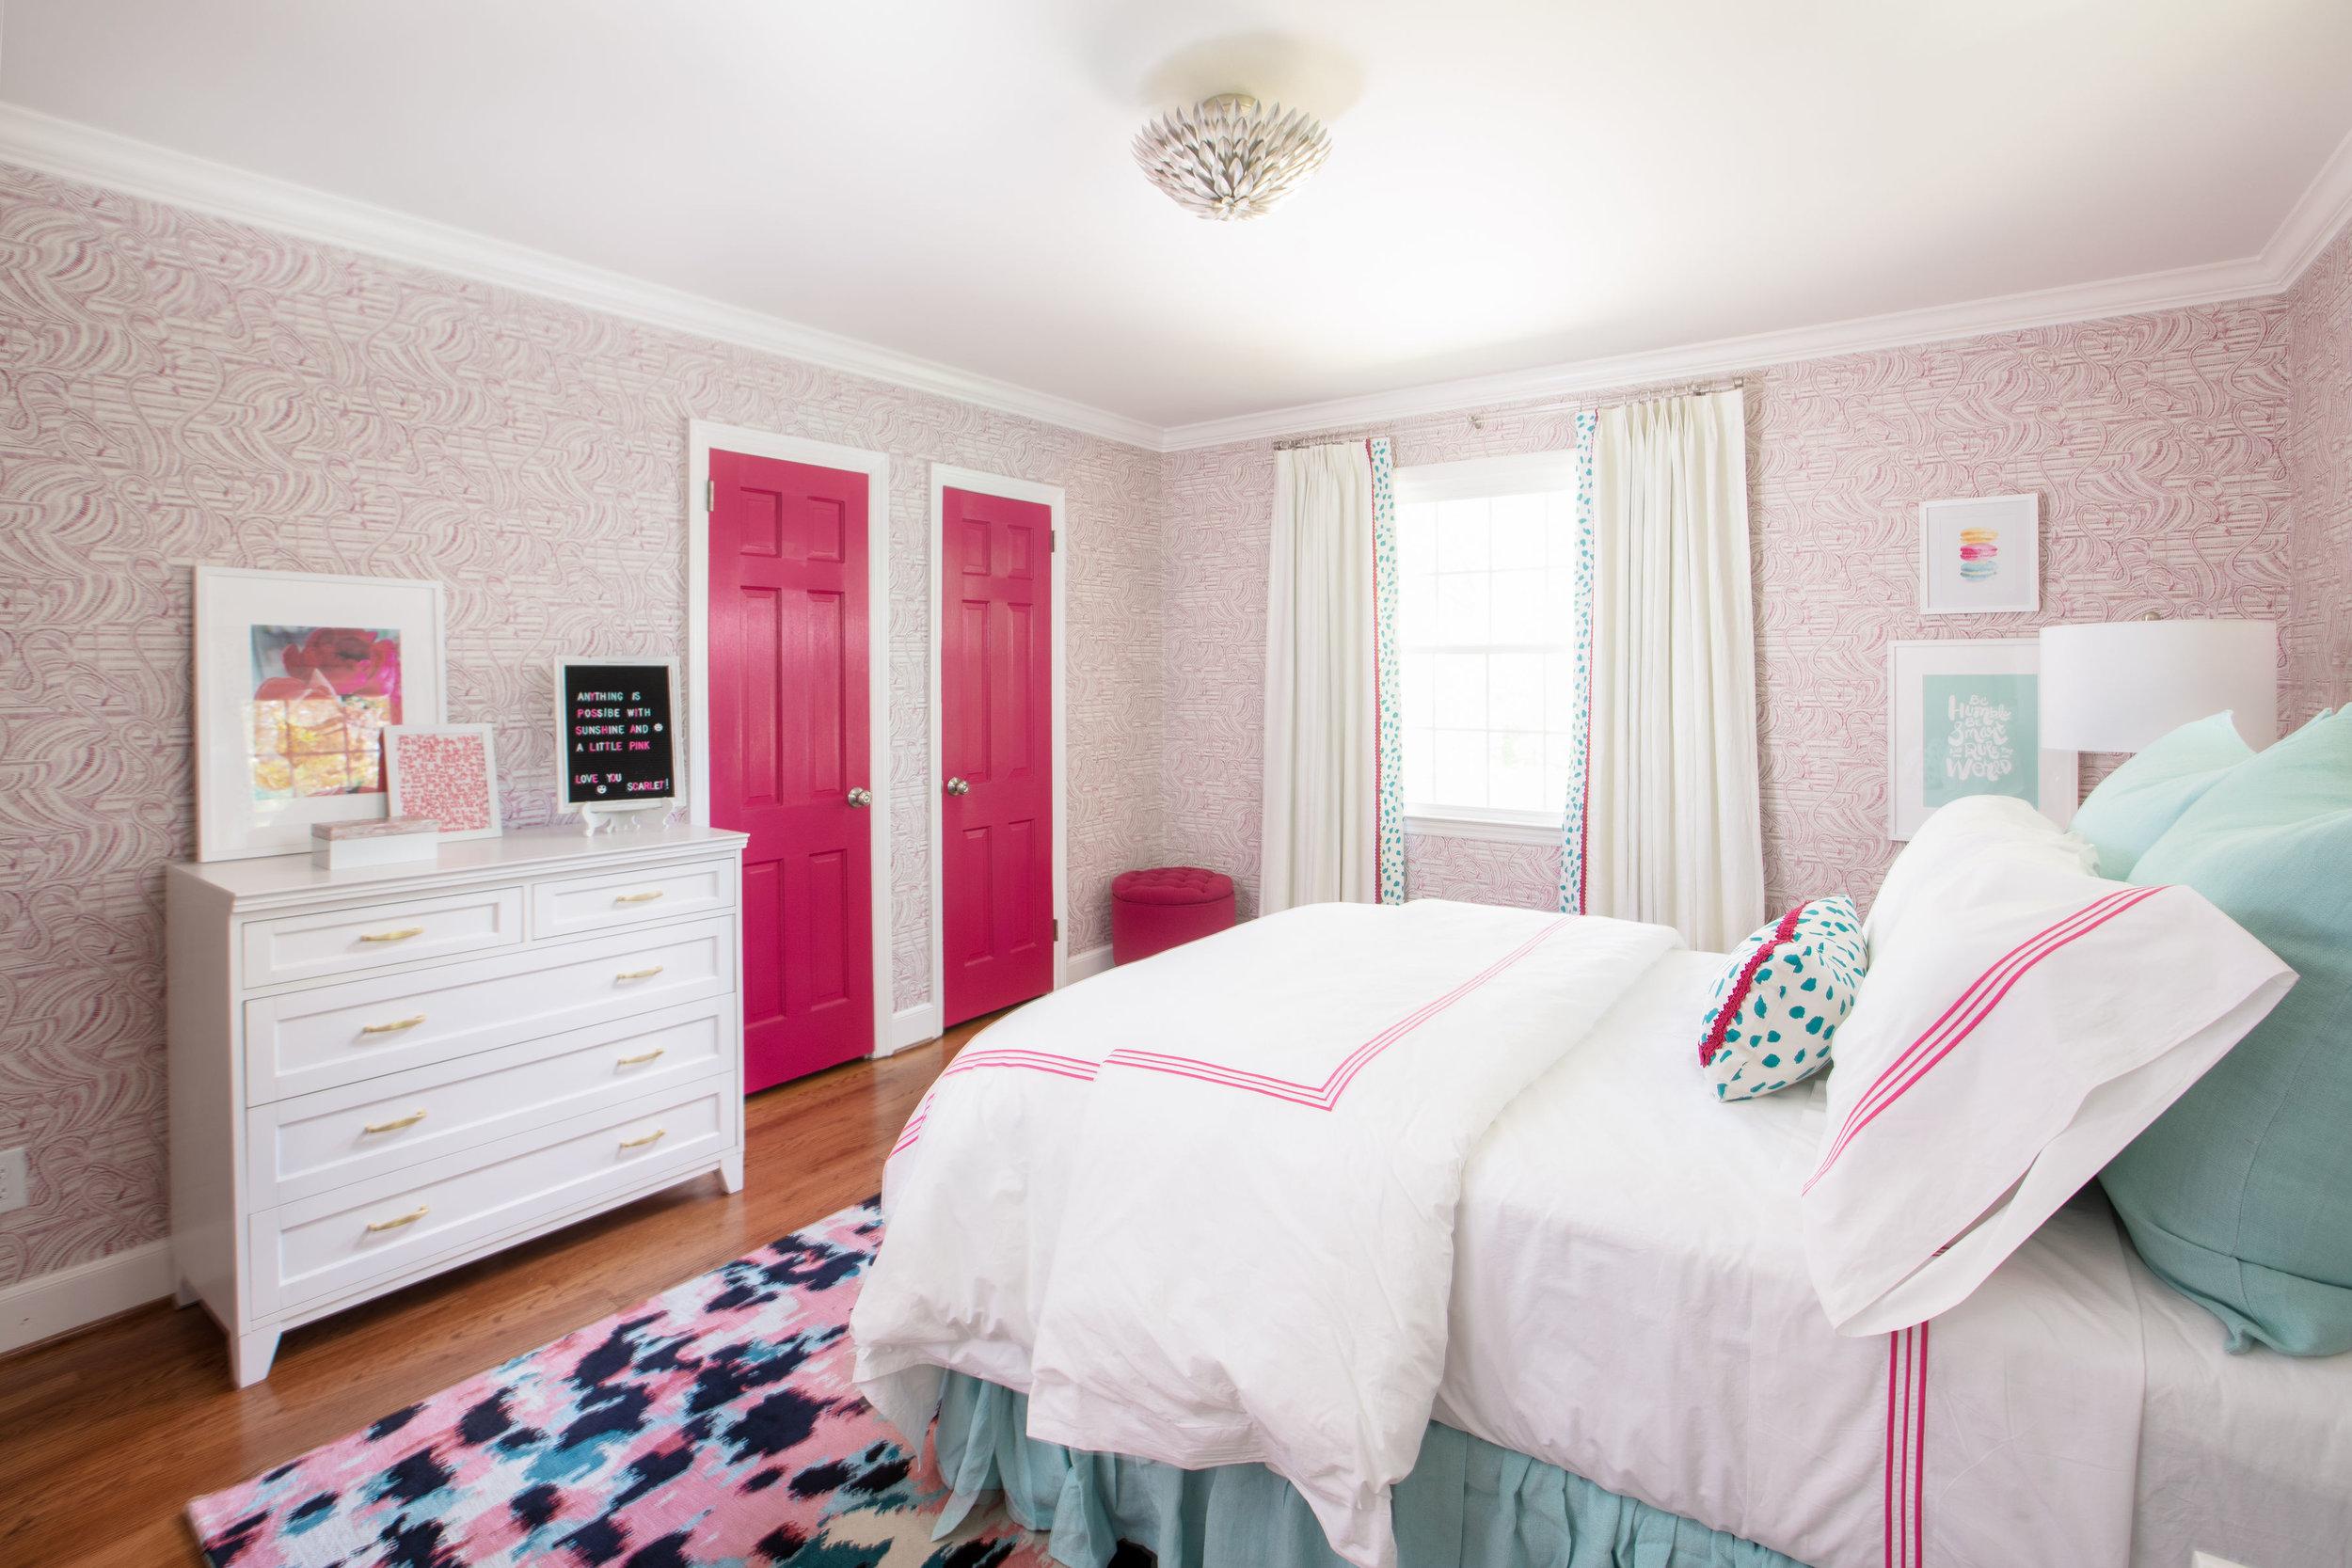 InteriorDesign_oneroomchallange_pinkroom-6.jpg